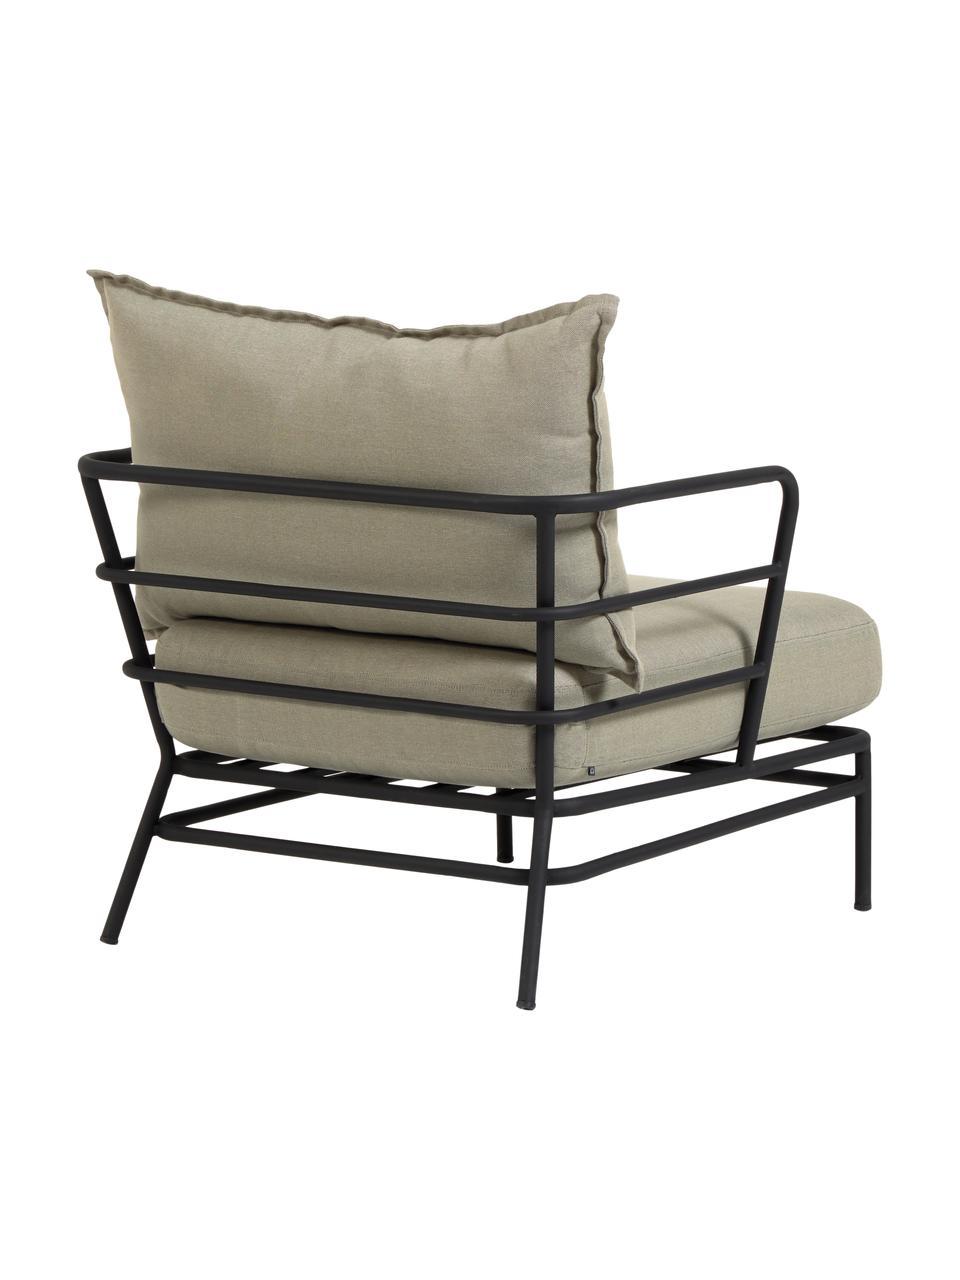 Garten-Loungesessel Mareluz, Gestell: Metall, verzinkt und lack, Beige, B 80 x T 76 cm